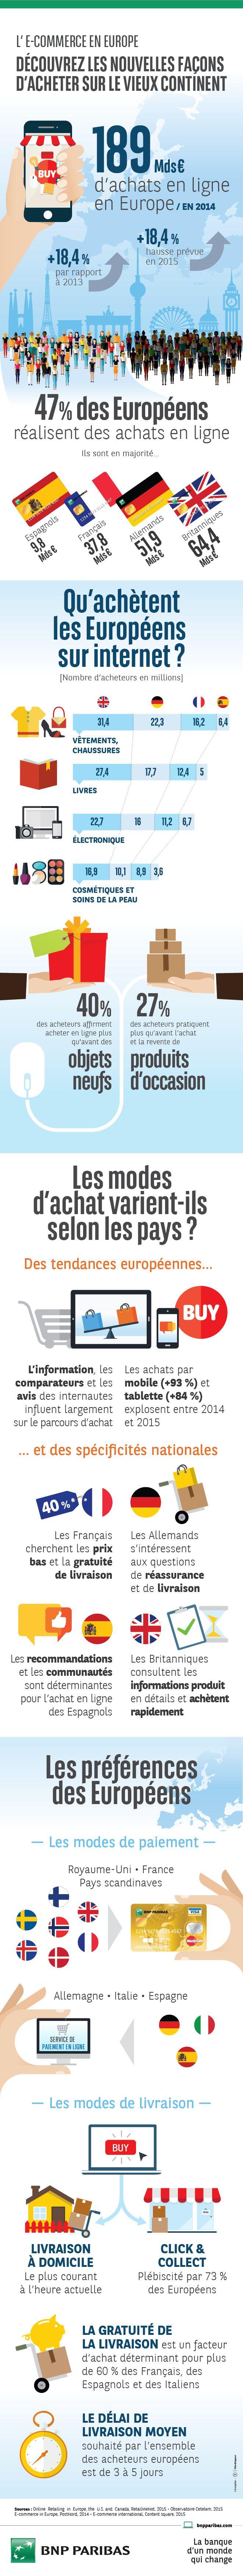 [Infographie] L'E-commerce en Europe :: Découvrez les nouvelles façons d'acheter sur le Vieux Continent